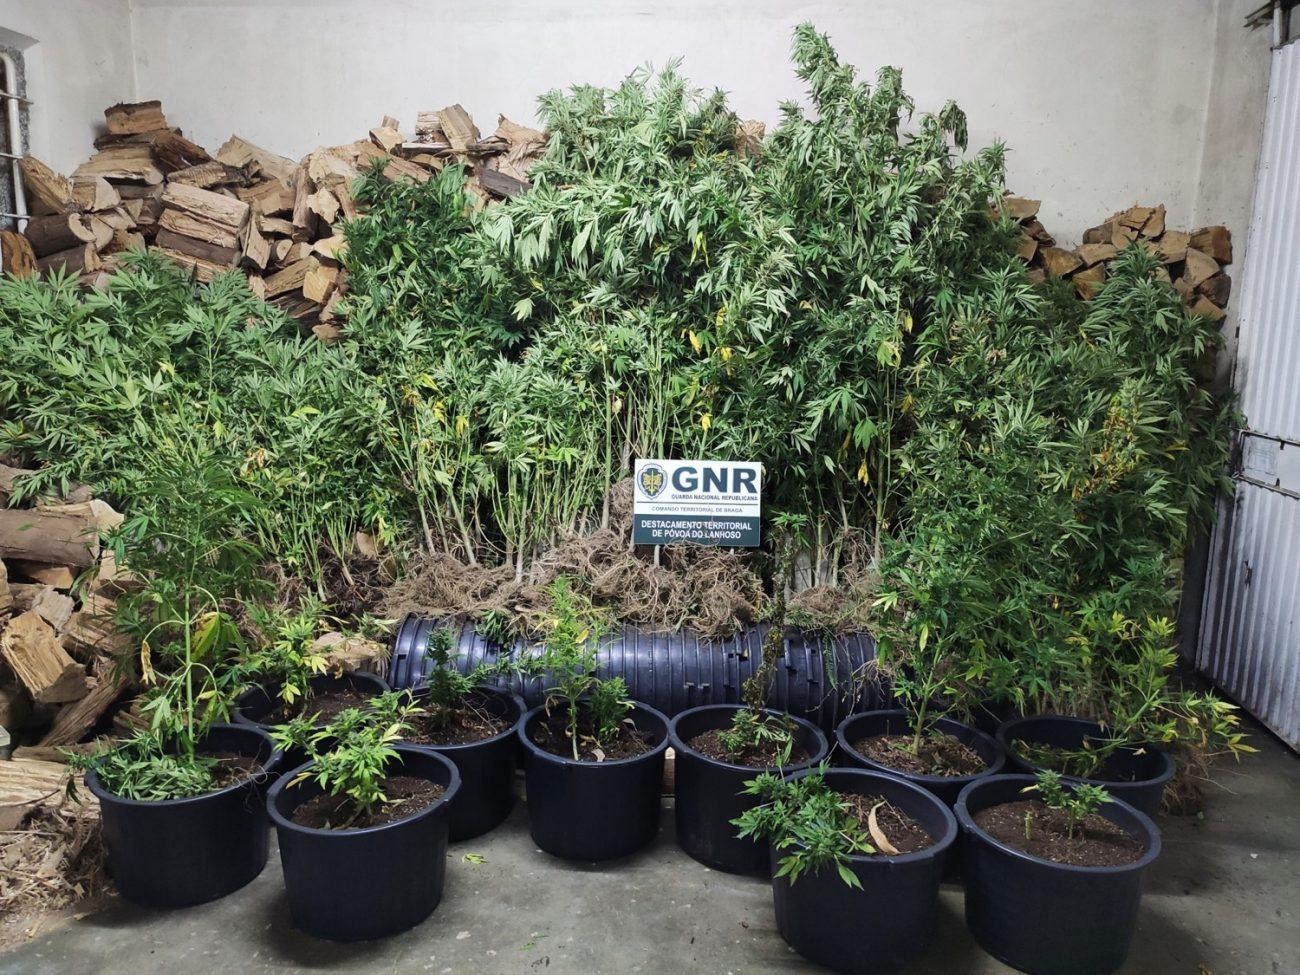 JUSTIÇA – Rectificação. GNR desactiva plantação de cannabis em Vieira do Minho